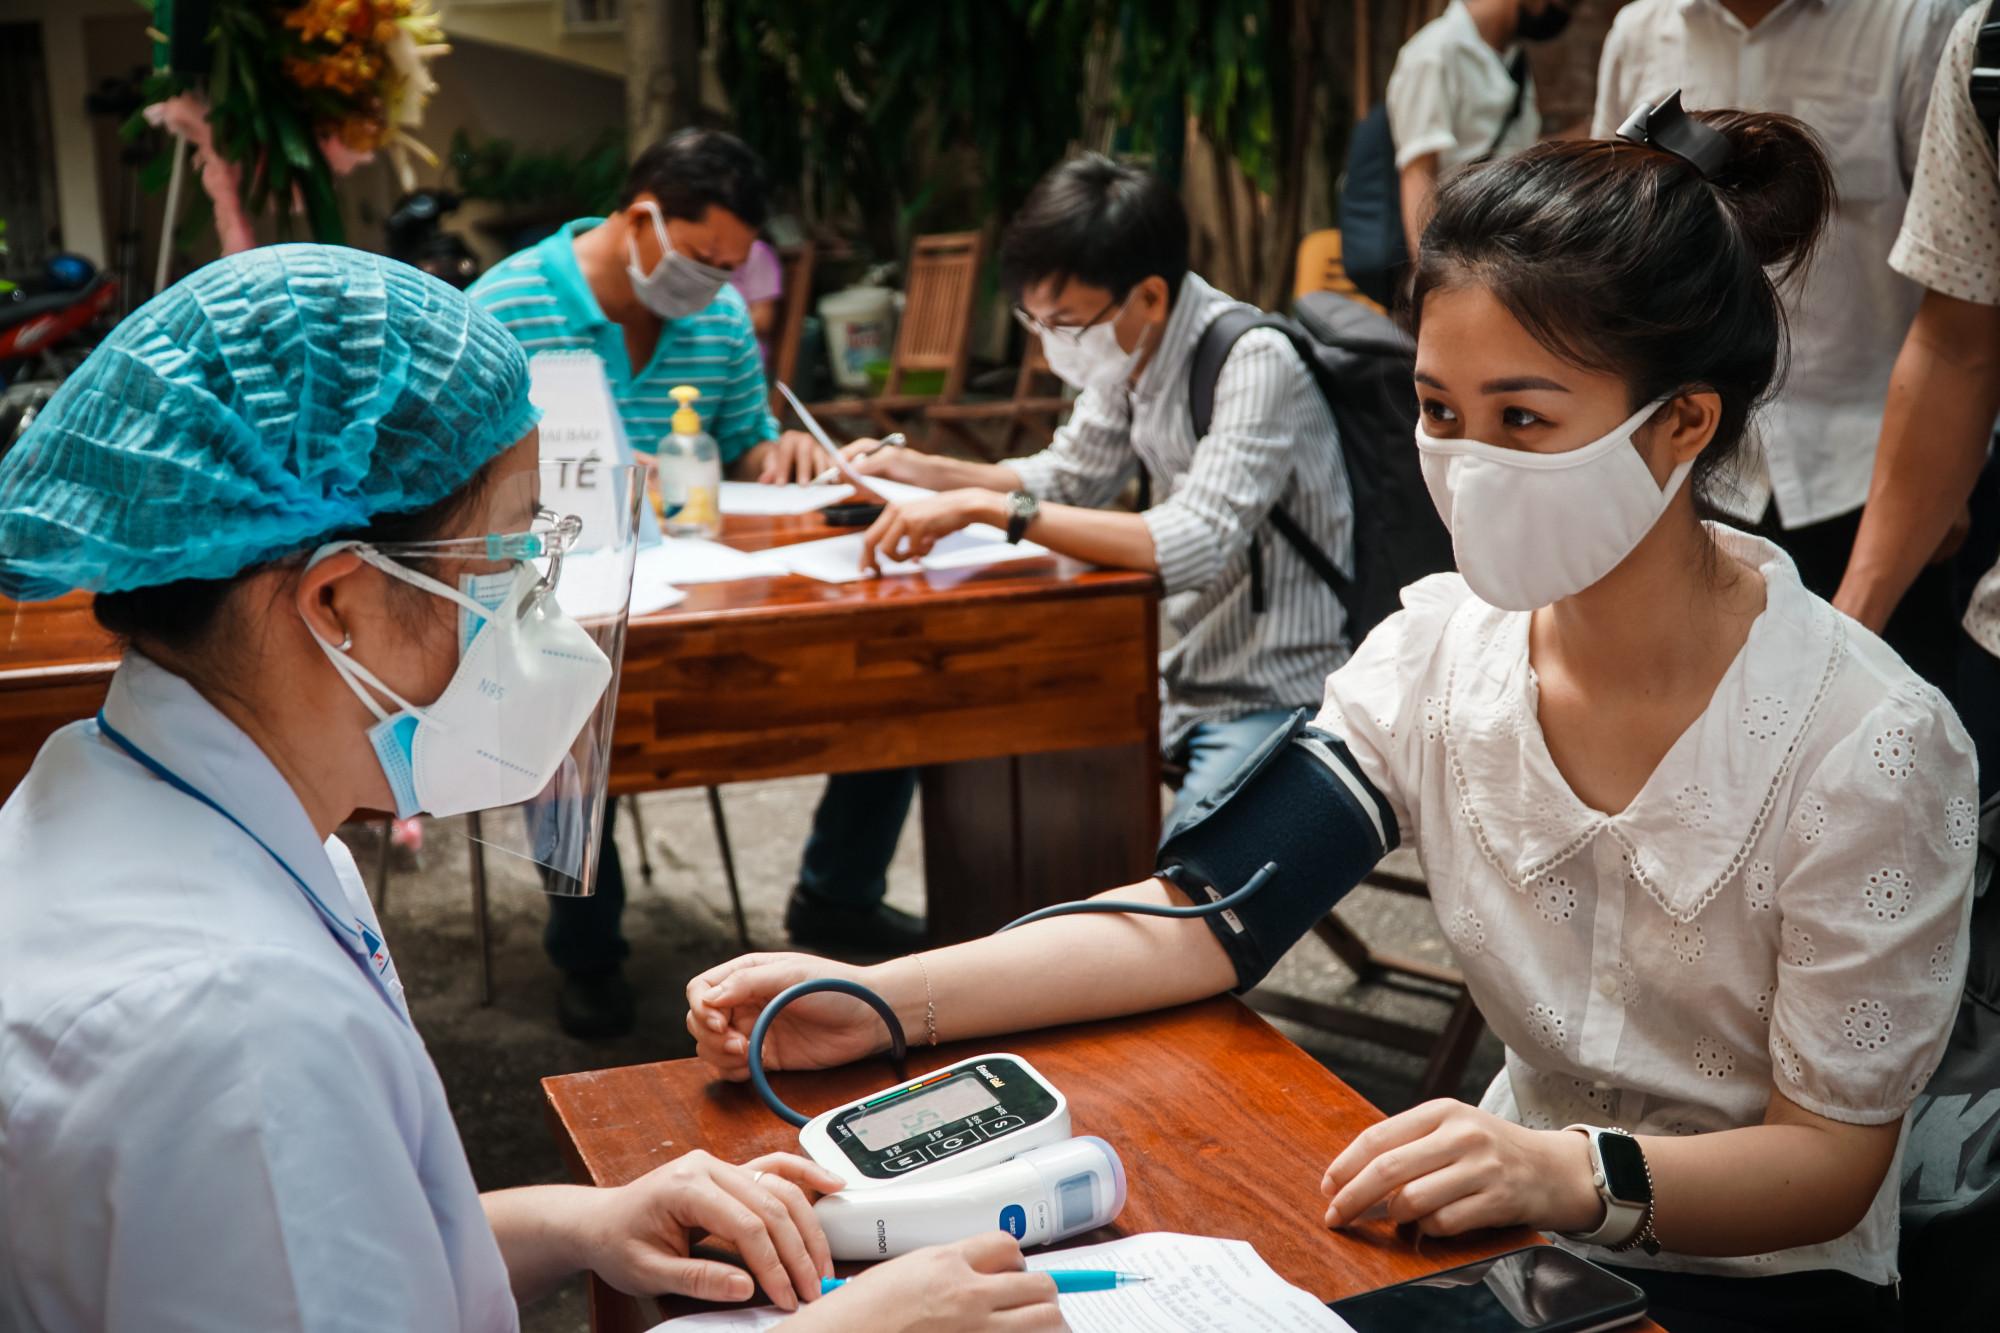 Bỏ quy định đo huyết áp tất cả mọi người trước khi tiêm vắc xin COVID-19